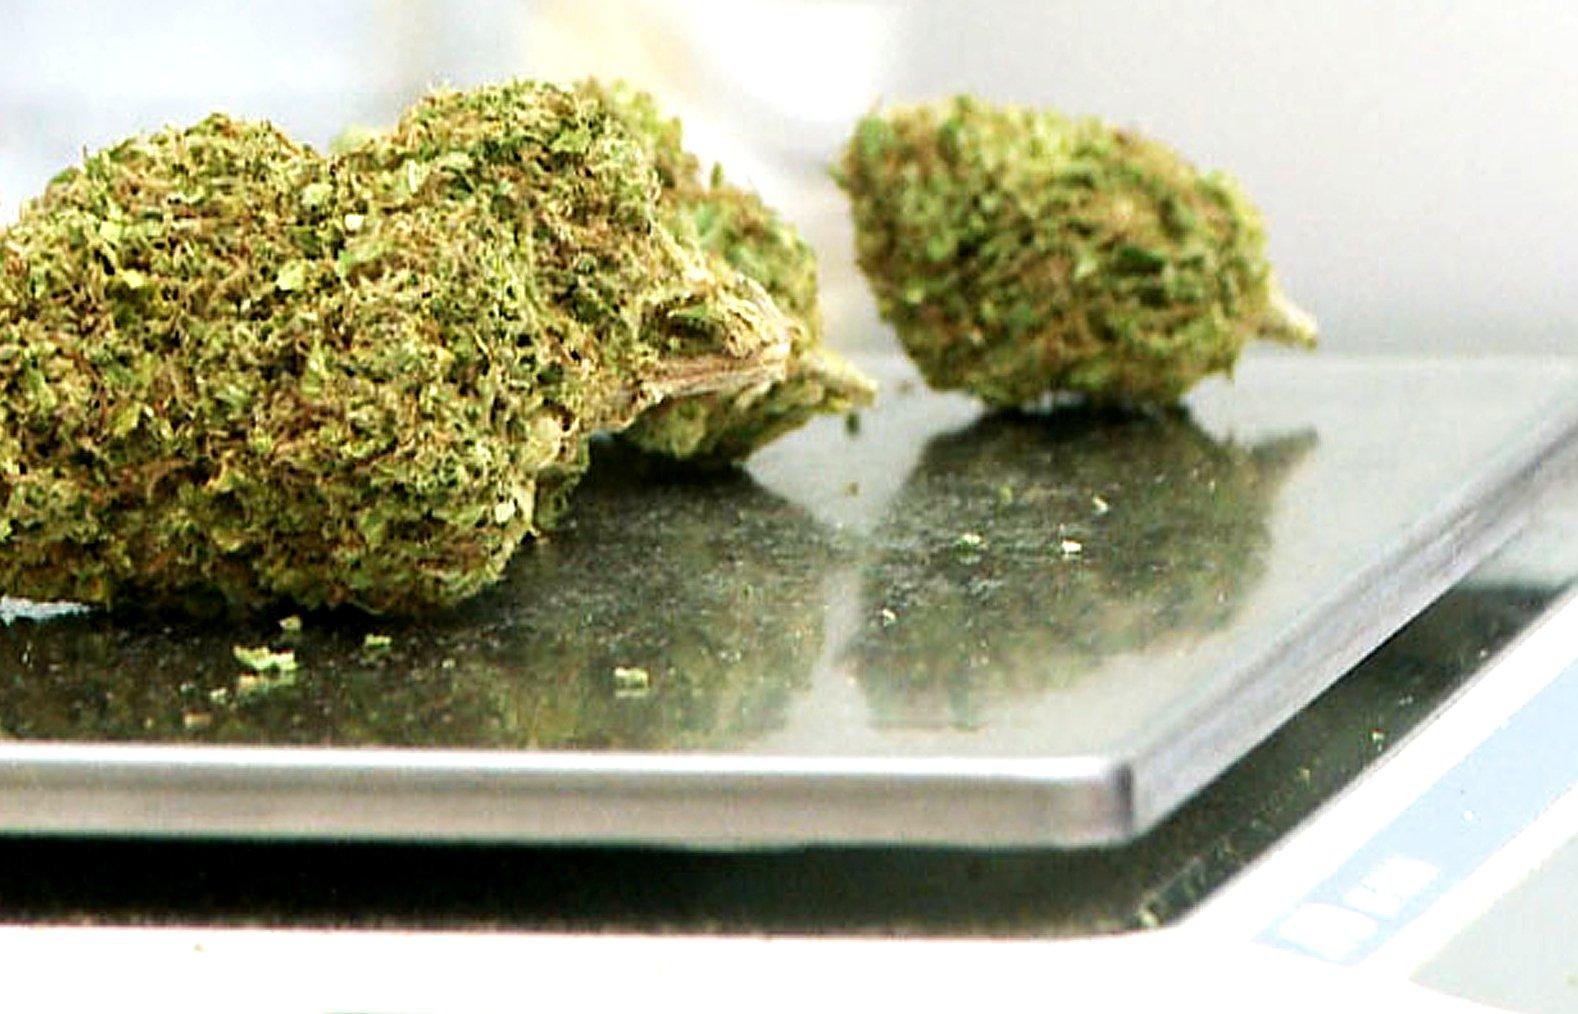 Küchen- oder Feinwaage für Cannabis